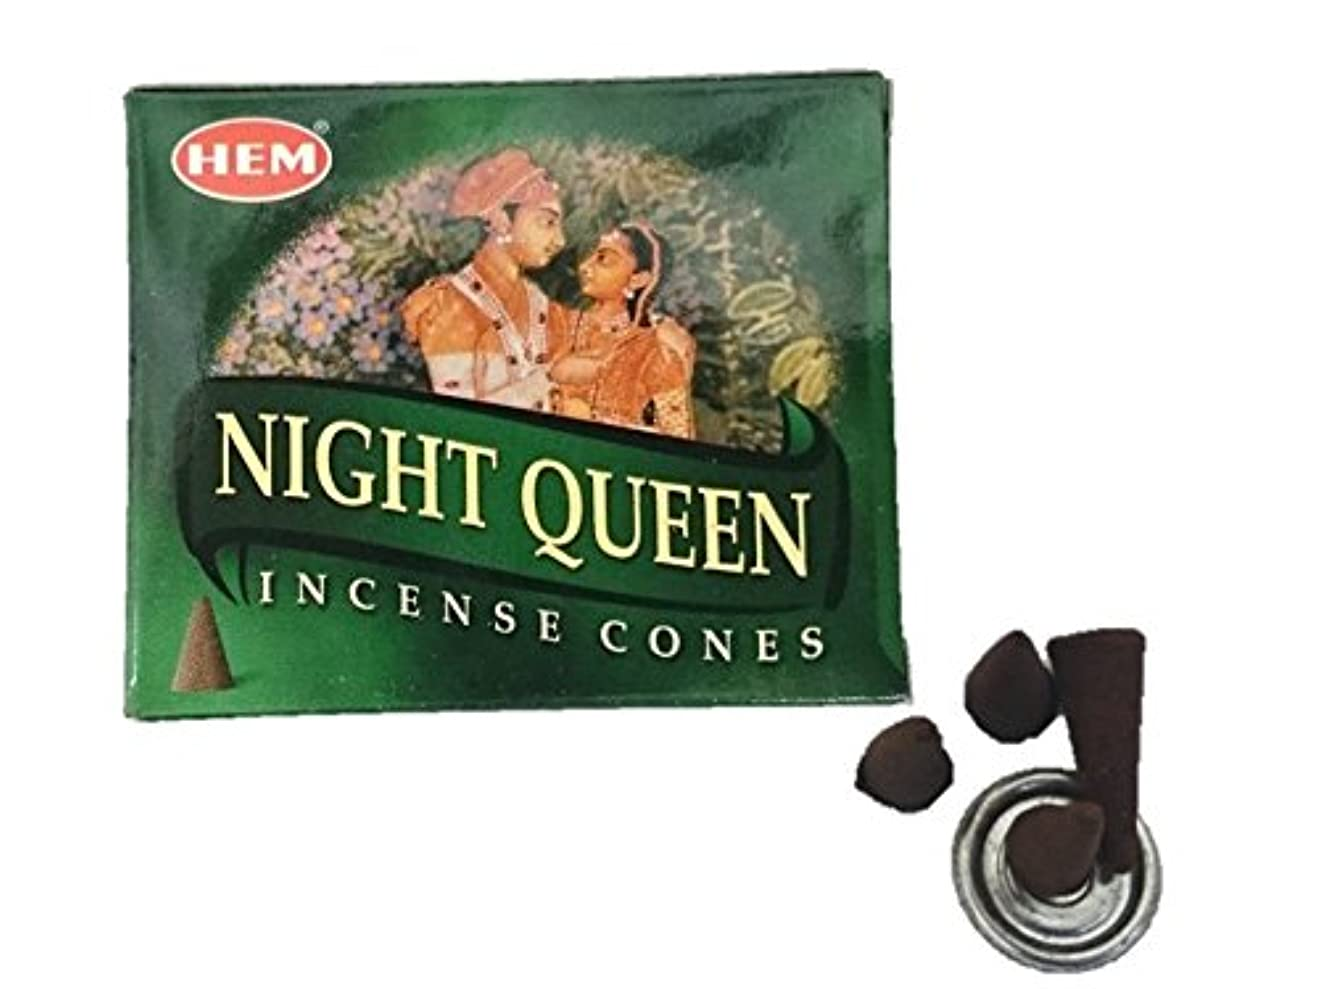 おしゃれな肌飾るHEM(ヘム)お香 ナイトクイーン コーン 1箱